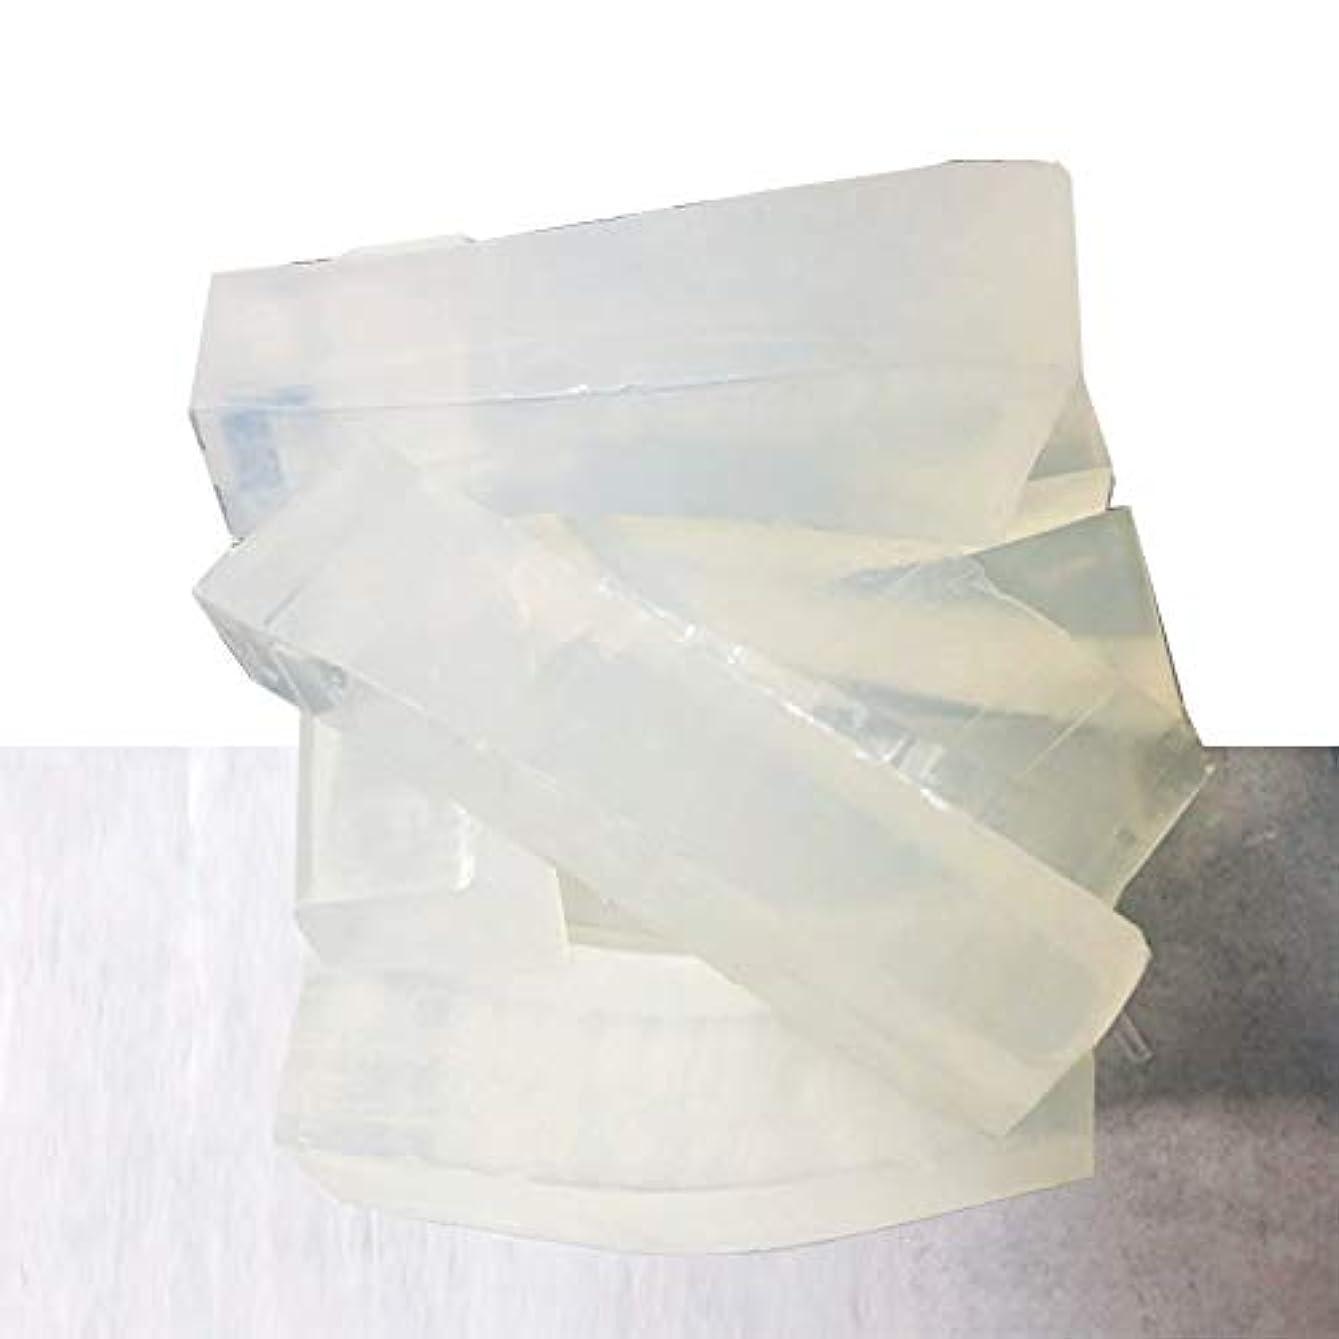 相対性理論床を掃除する光沢グリセリンソープ(MPソープ)2kg(2,000g)クリア